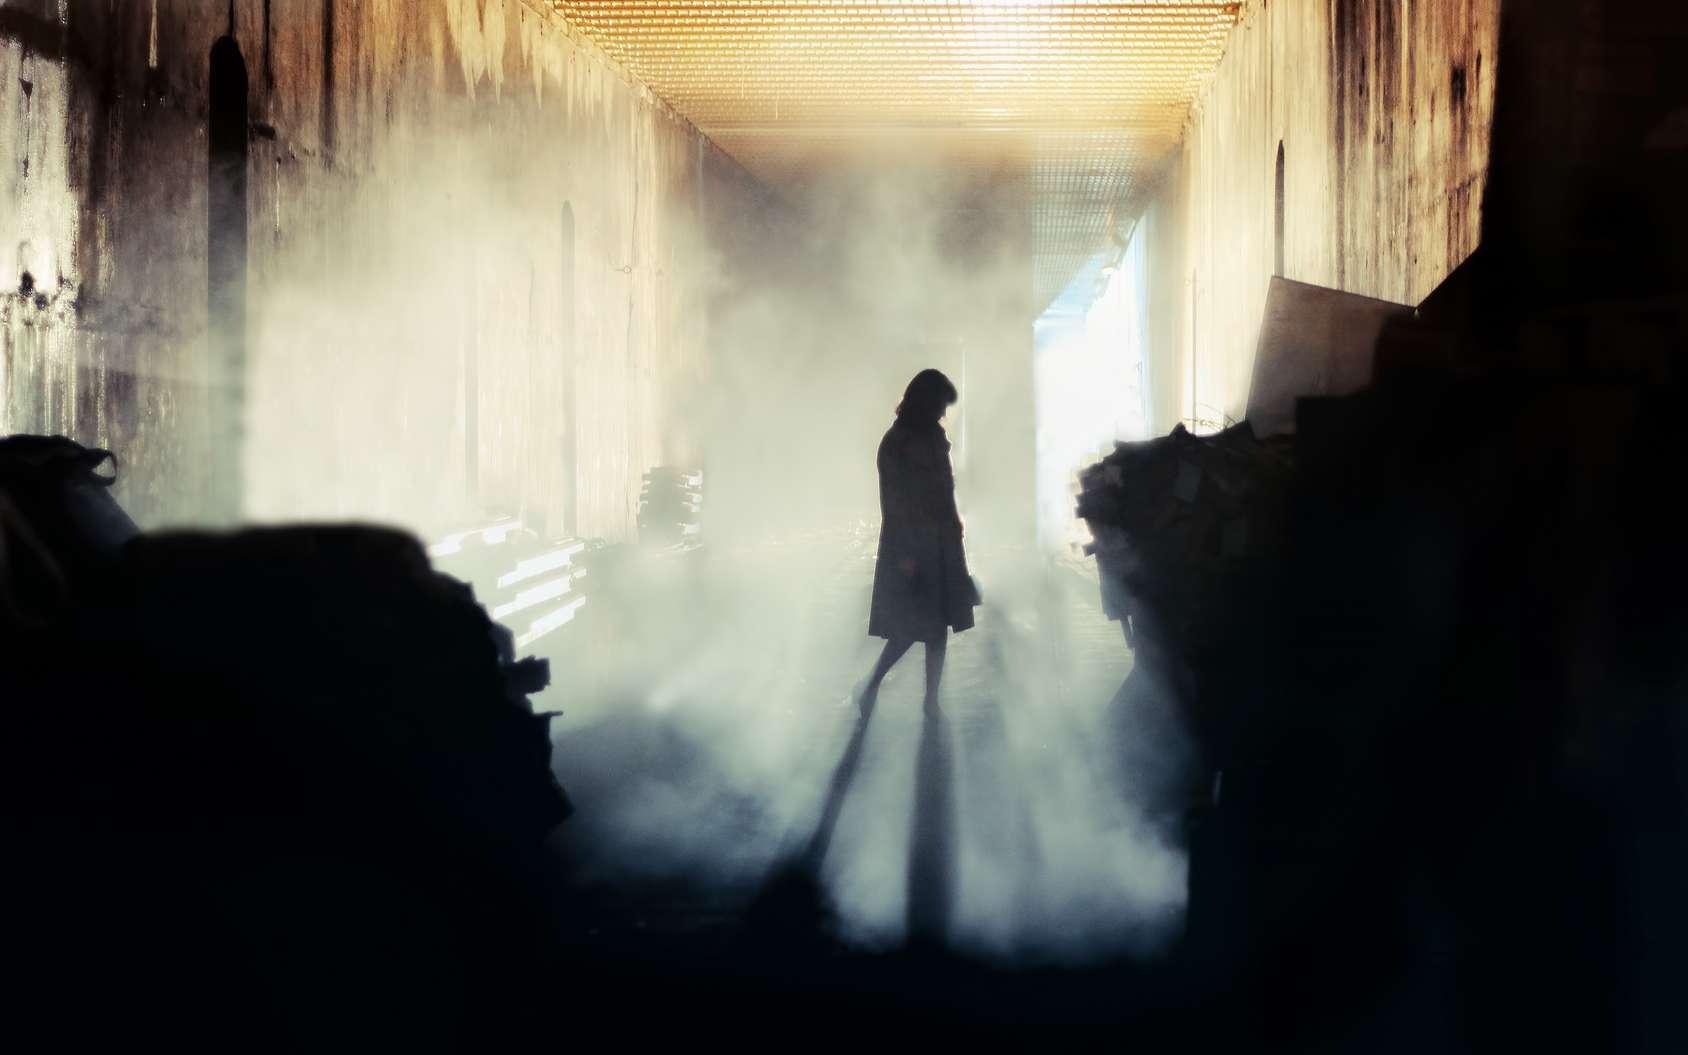 Le Mulet, le conquérant de l'ombre. Même ses généraux ne connaissent pas son visage. © Mjgolby, Fotolia